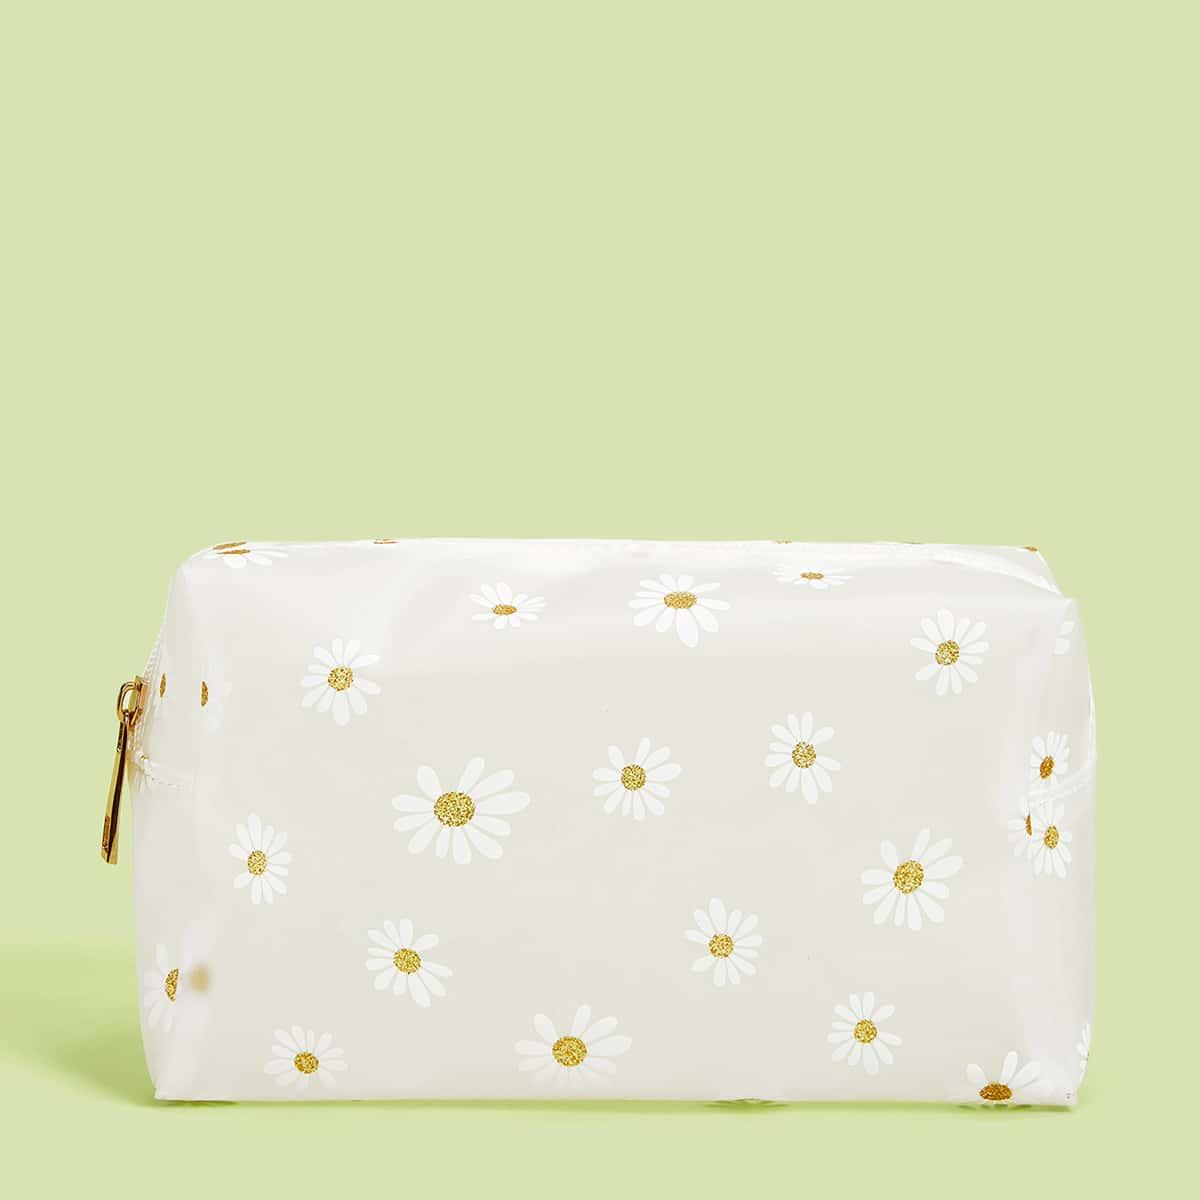 1шт косметическая сумка с цветочным принтом